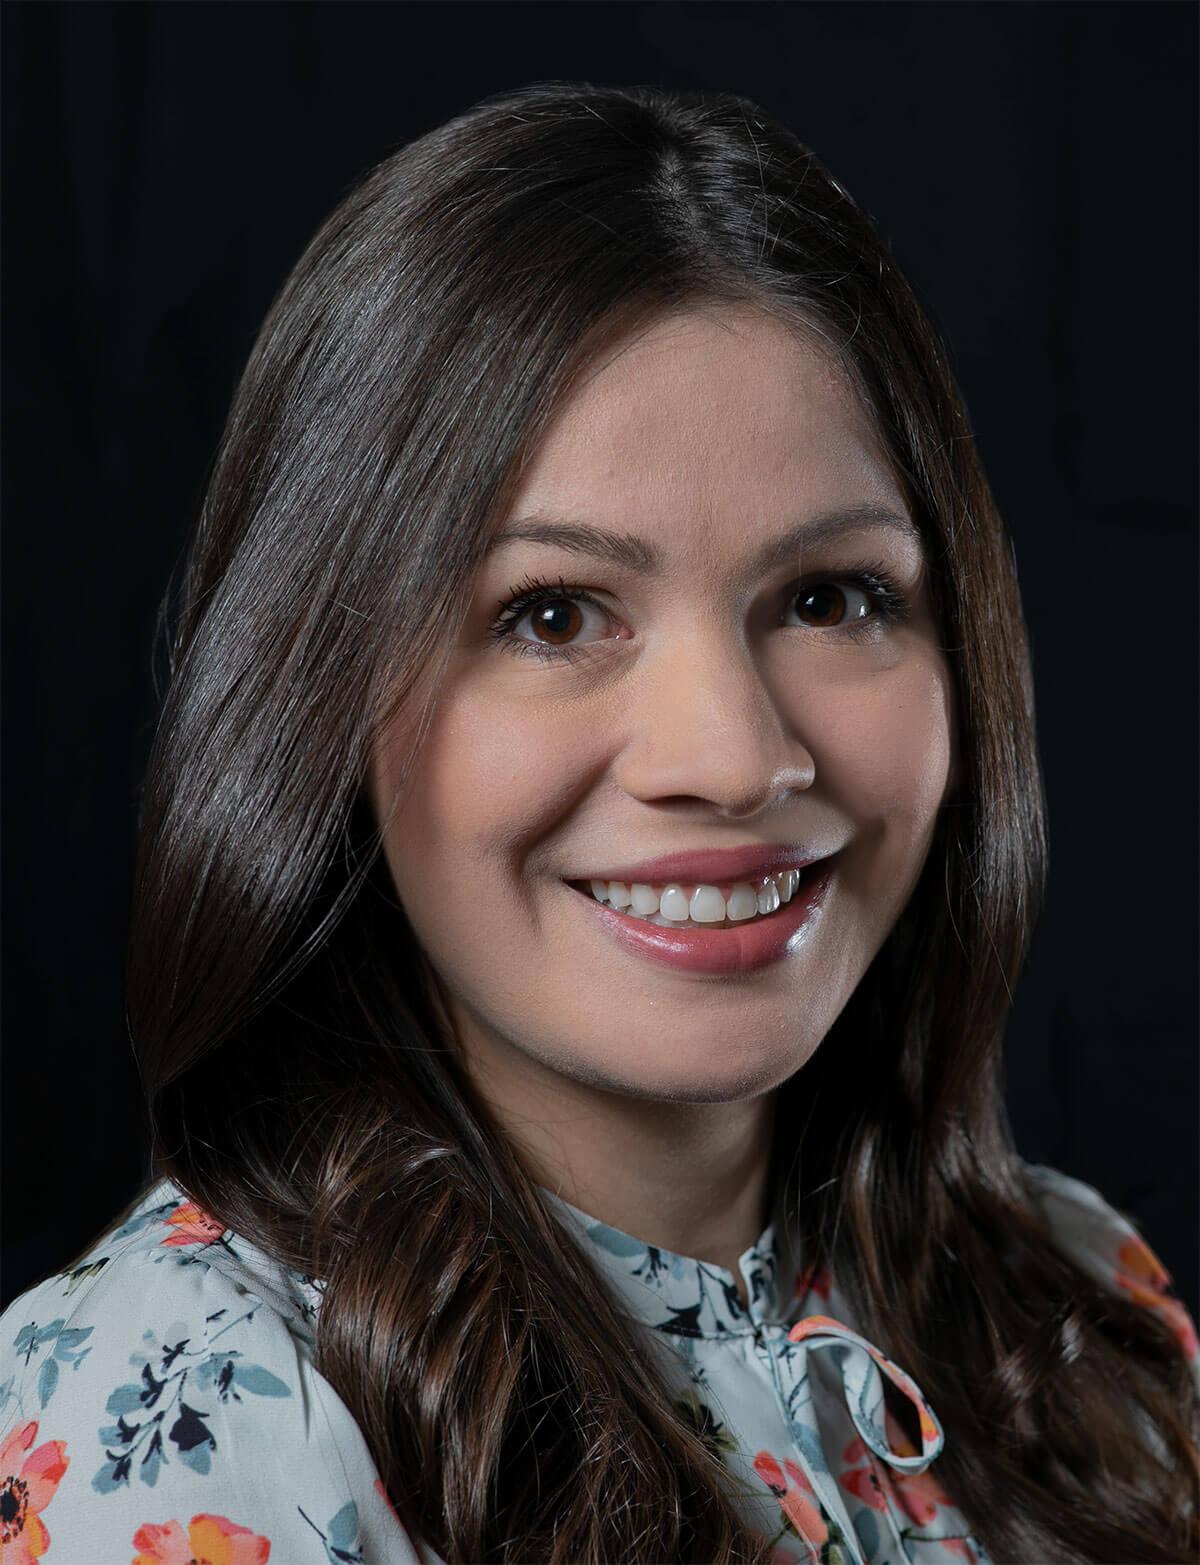 Adrianna Flores